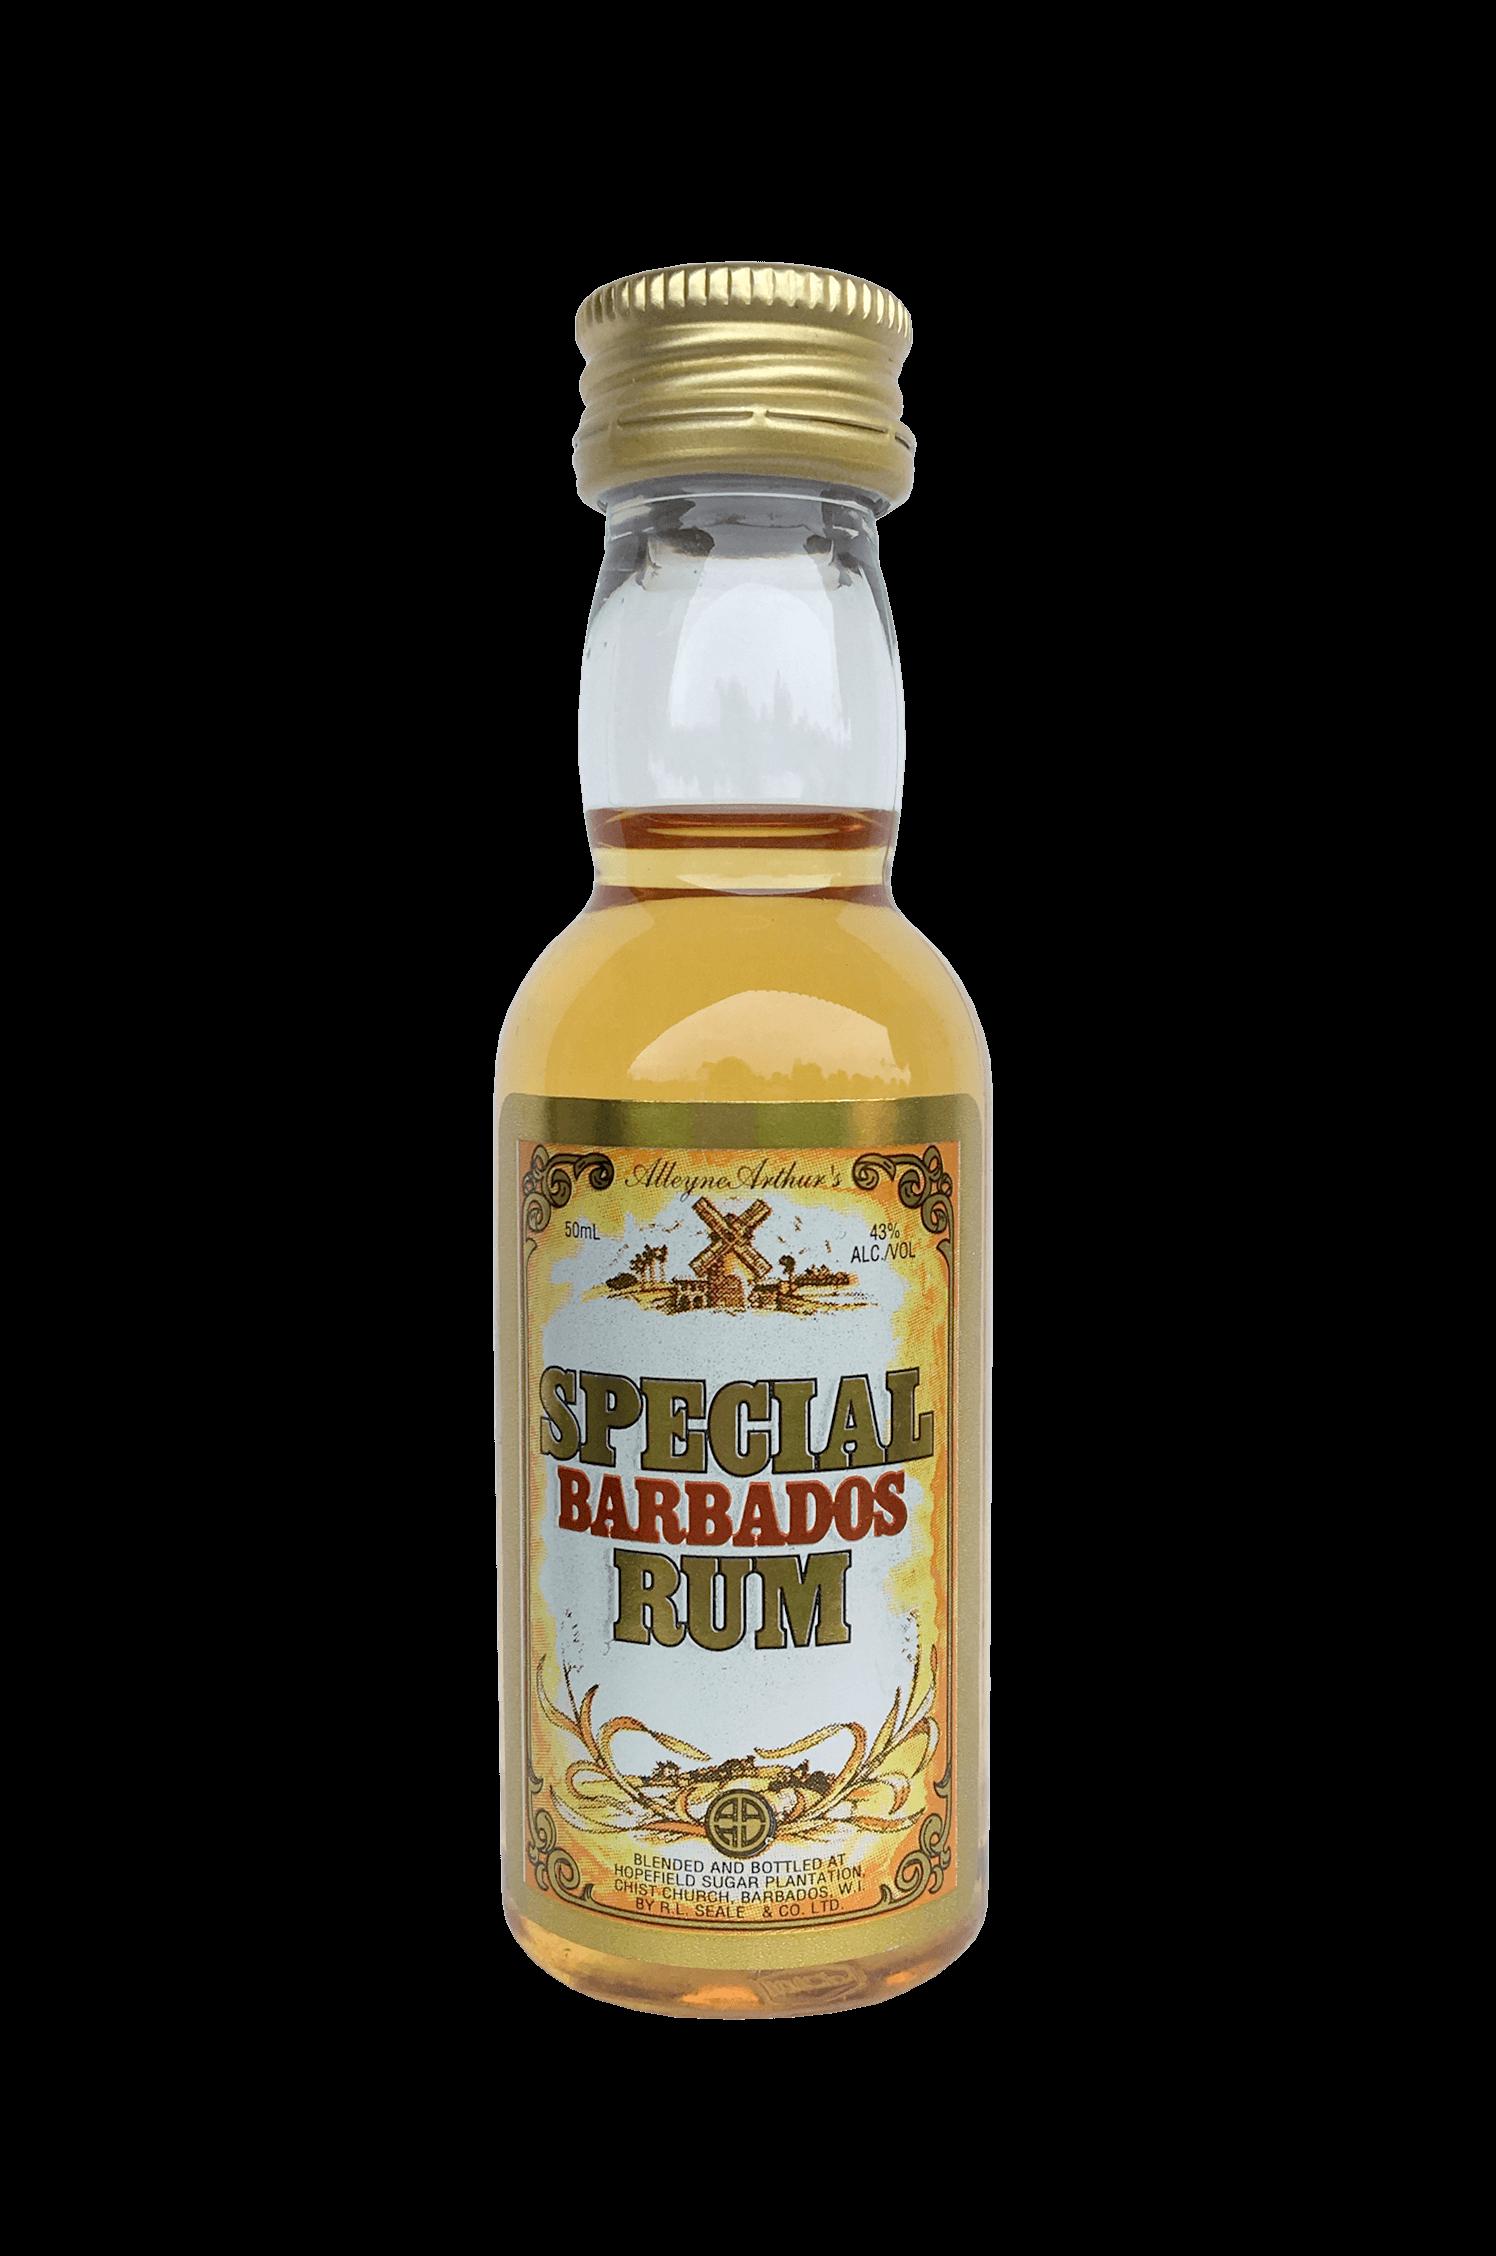 Special Barbados Rum